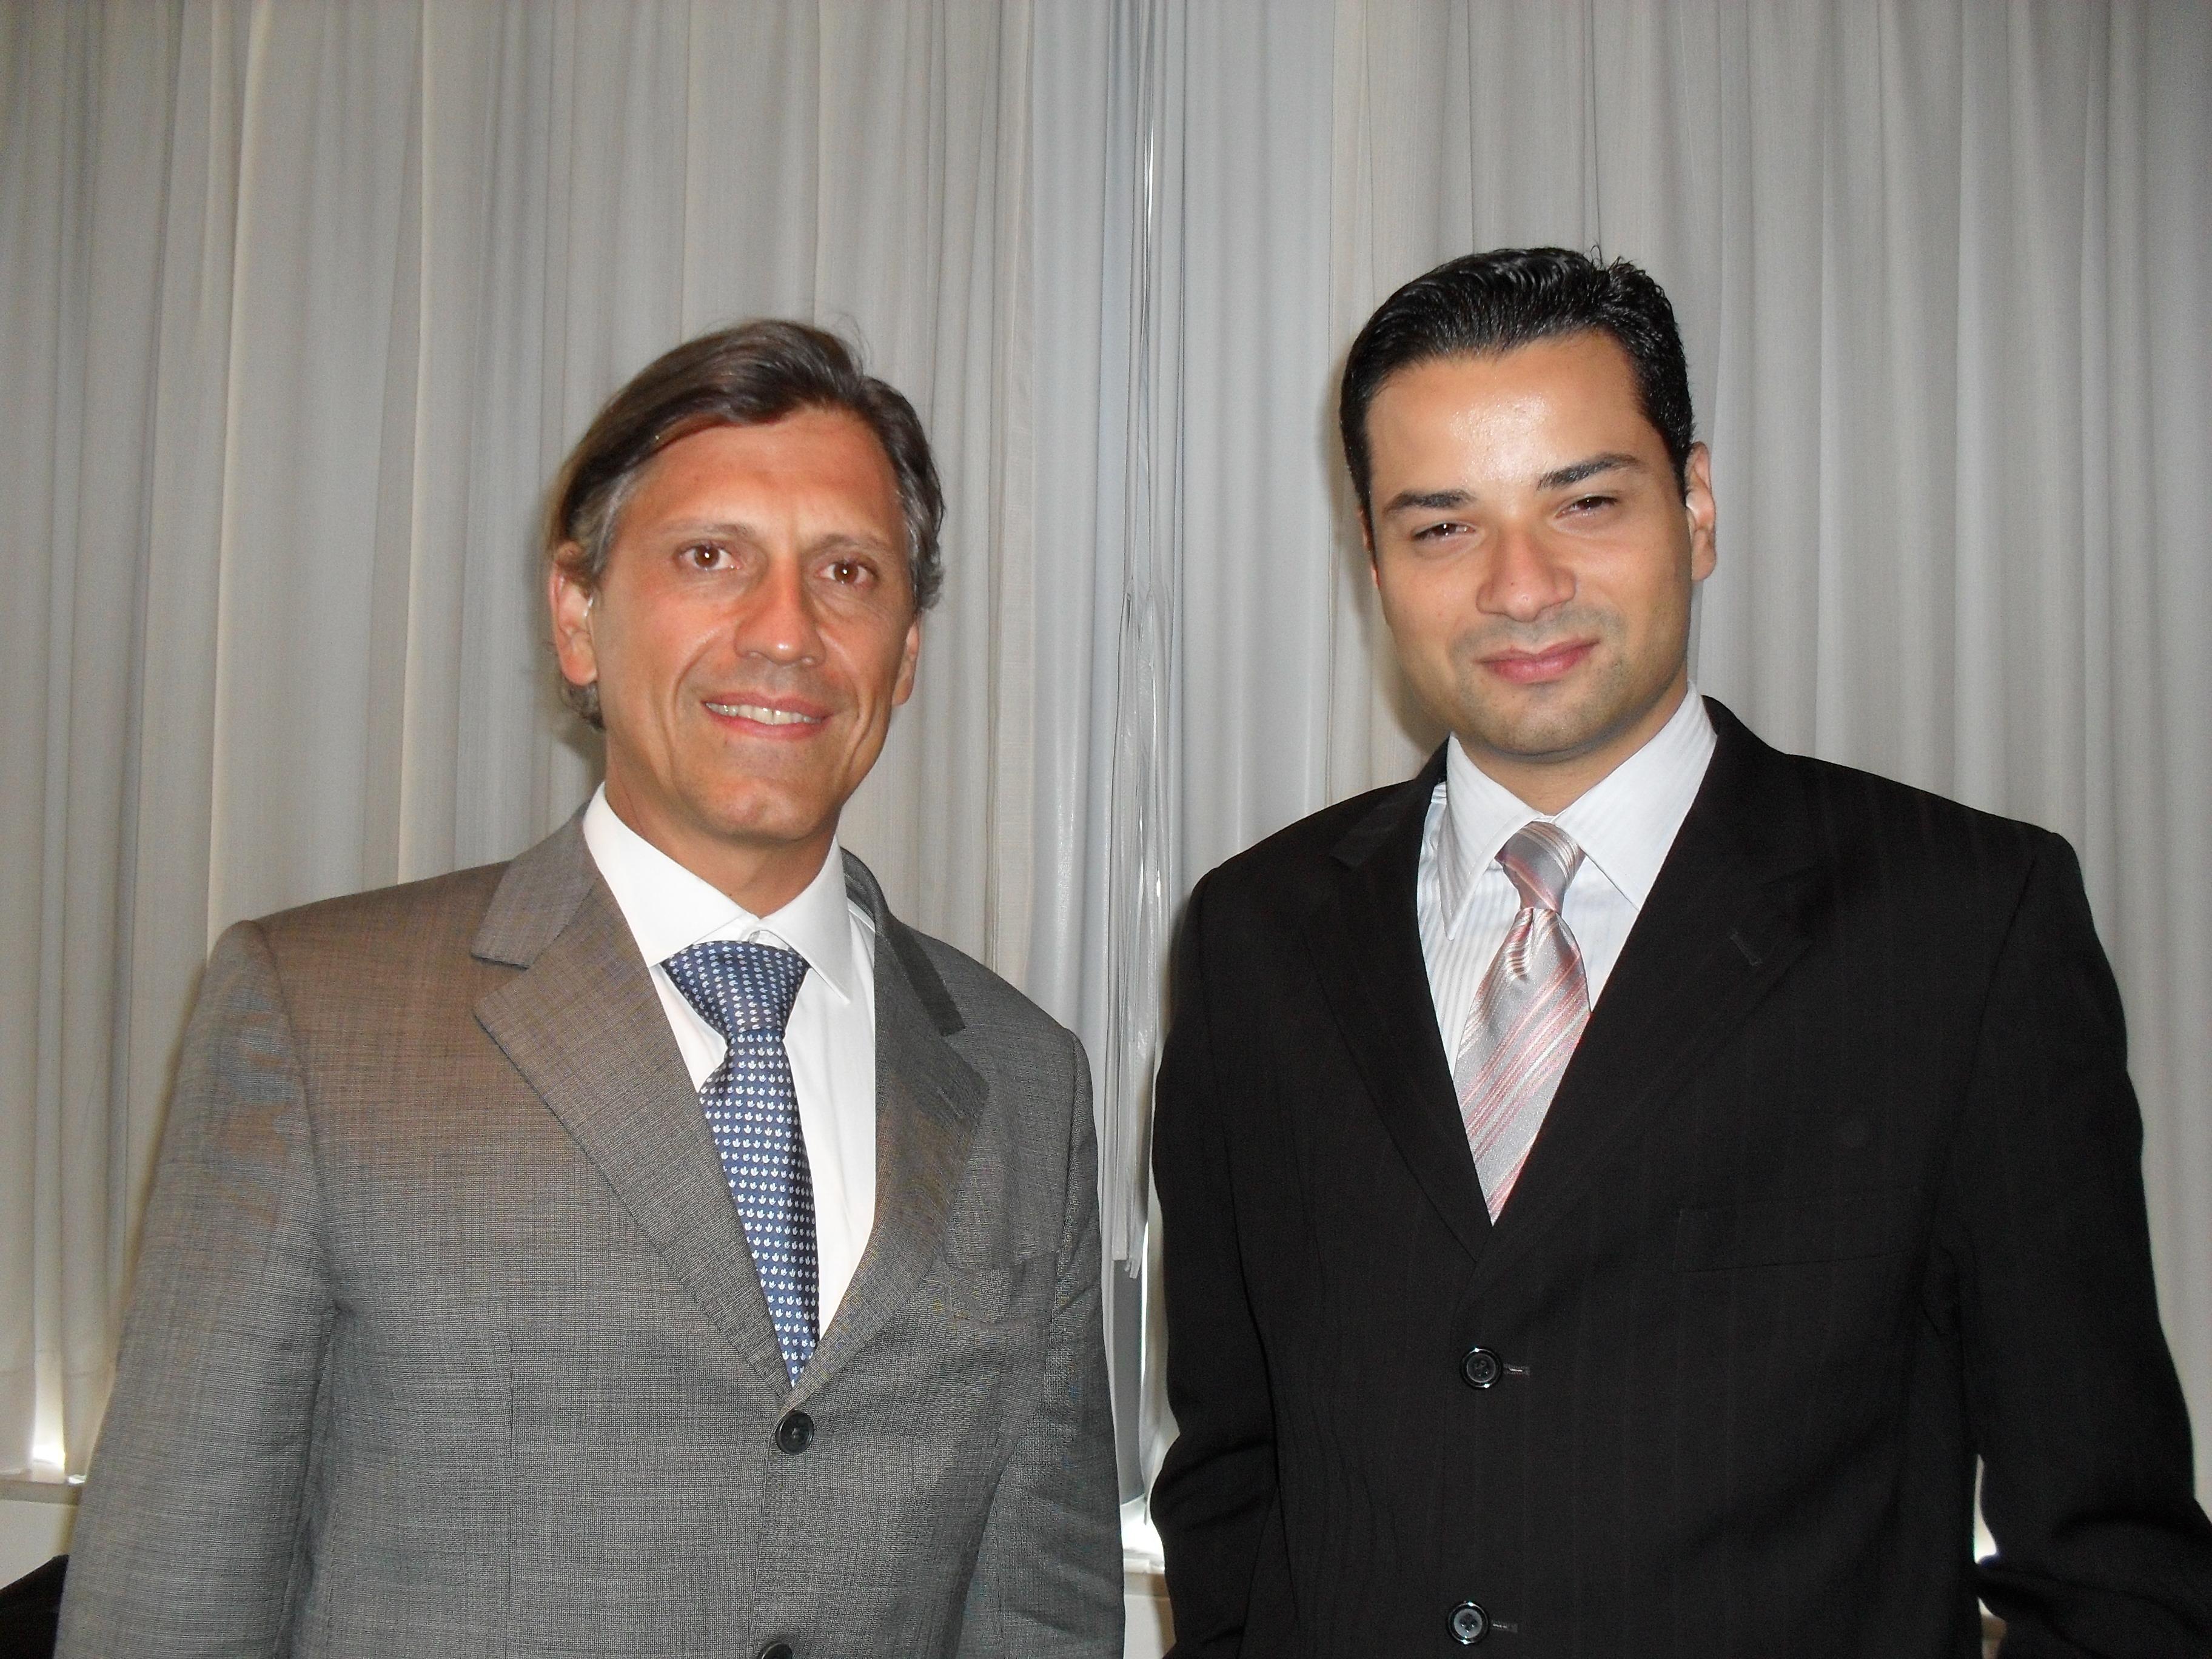 Amilcar Vianna, presidente do Clube dos Corretores do Rio de Janeiro (E) com o subscritor de E&O da ACE Seguradora, Luiz Antonio Oliveira